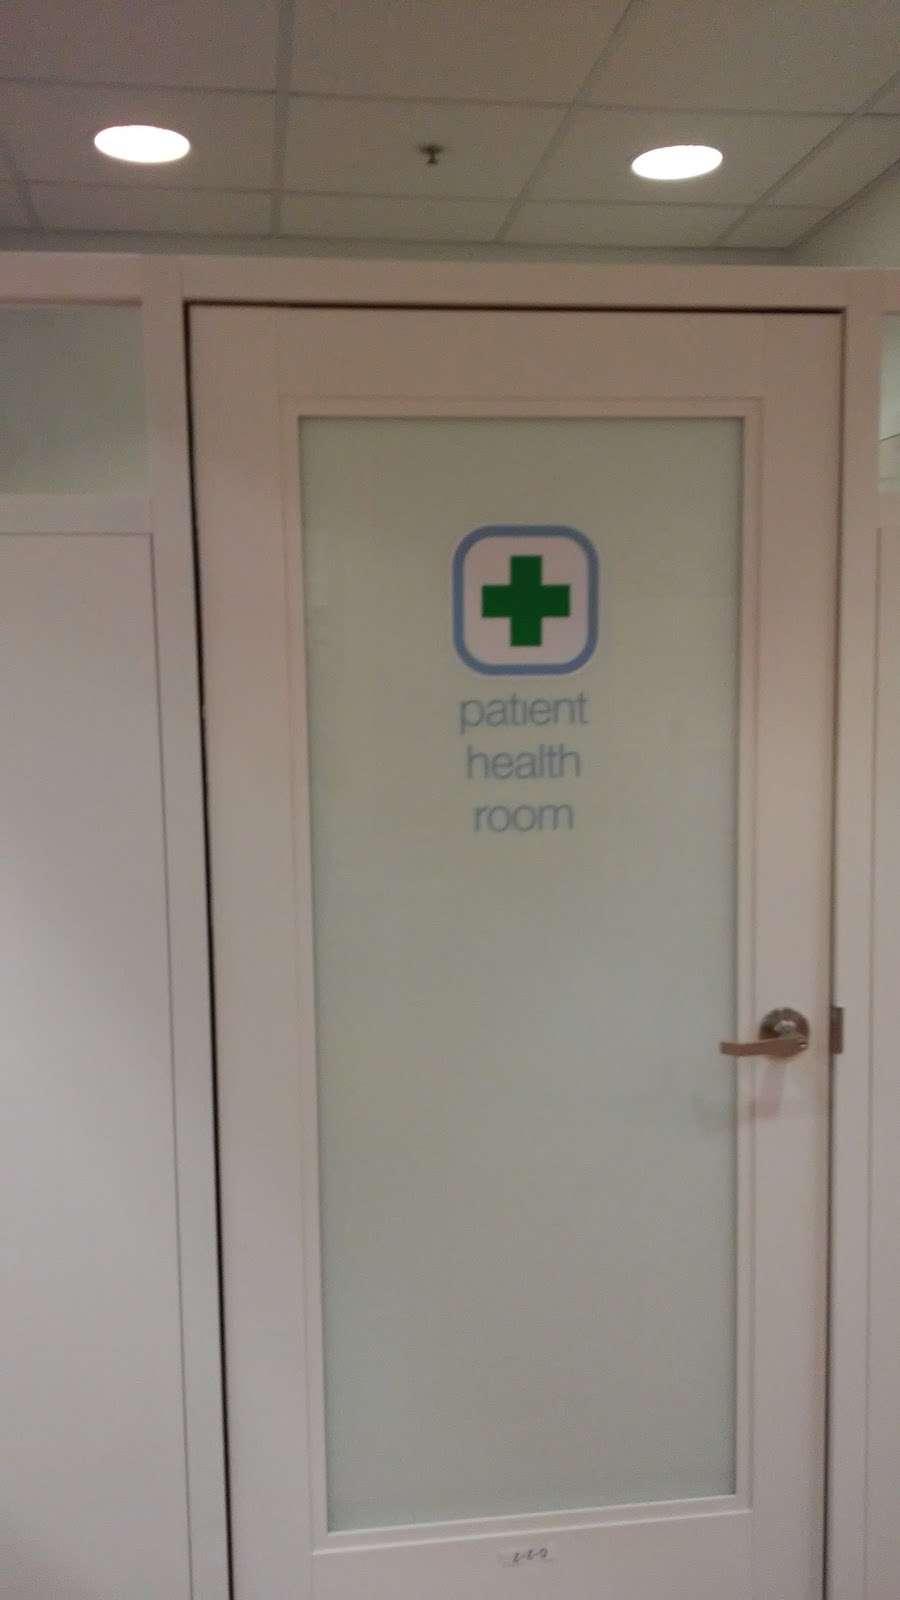 Walgreens Pharmacy - pharmacy  | Photo 4 of 6 | Address: 17383 Main St, Hesperia, CA 92345, USA | Phone: (760) 948-0481